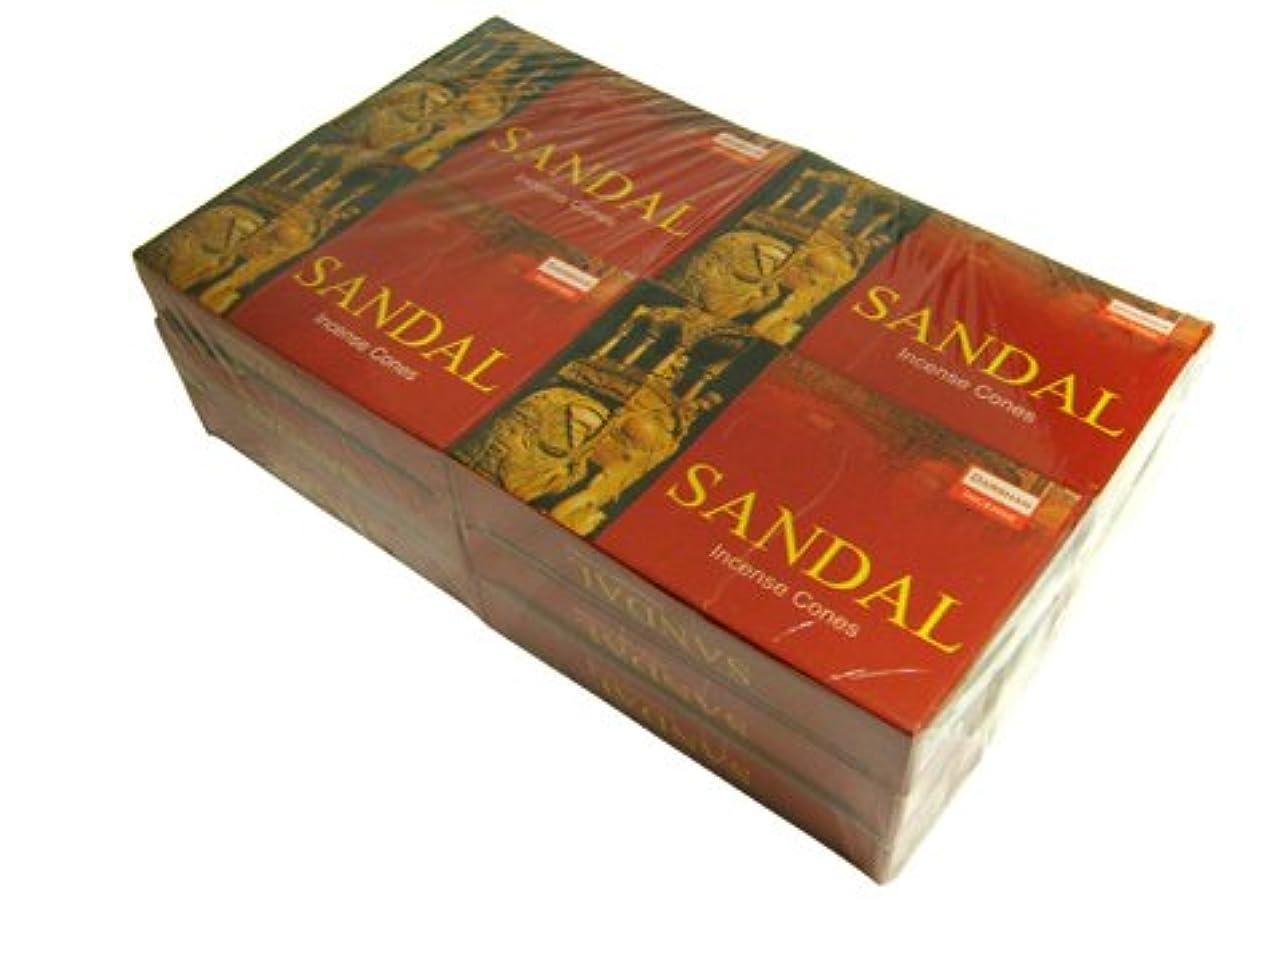 乗算蓄積する退屈させるDARSHAN(ダルシャン) サンダル香 コーンタイプ SANDAL CORN 12箱セット